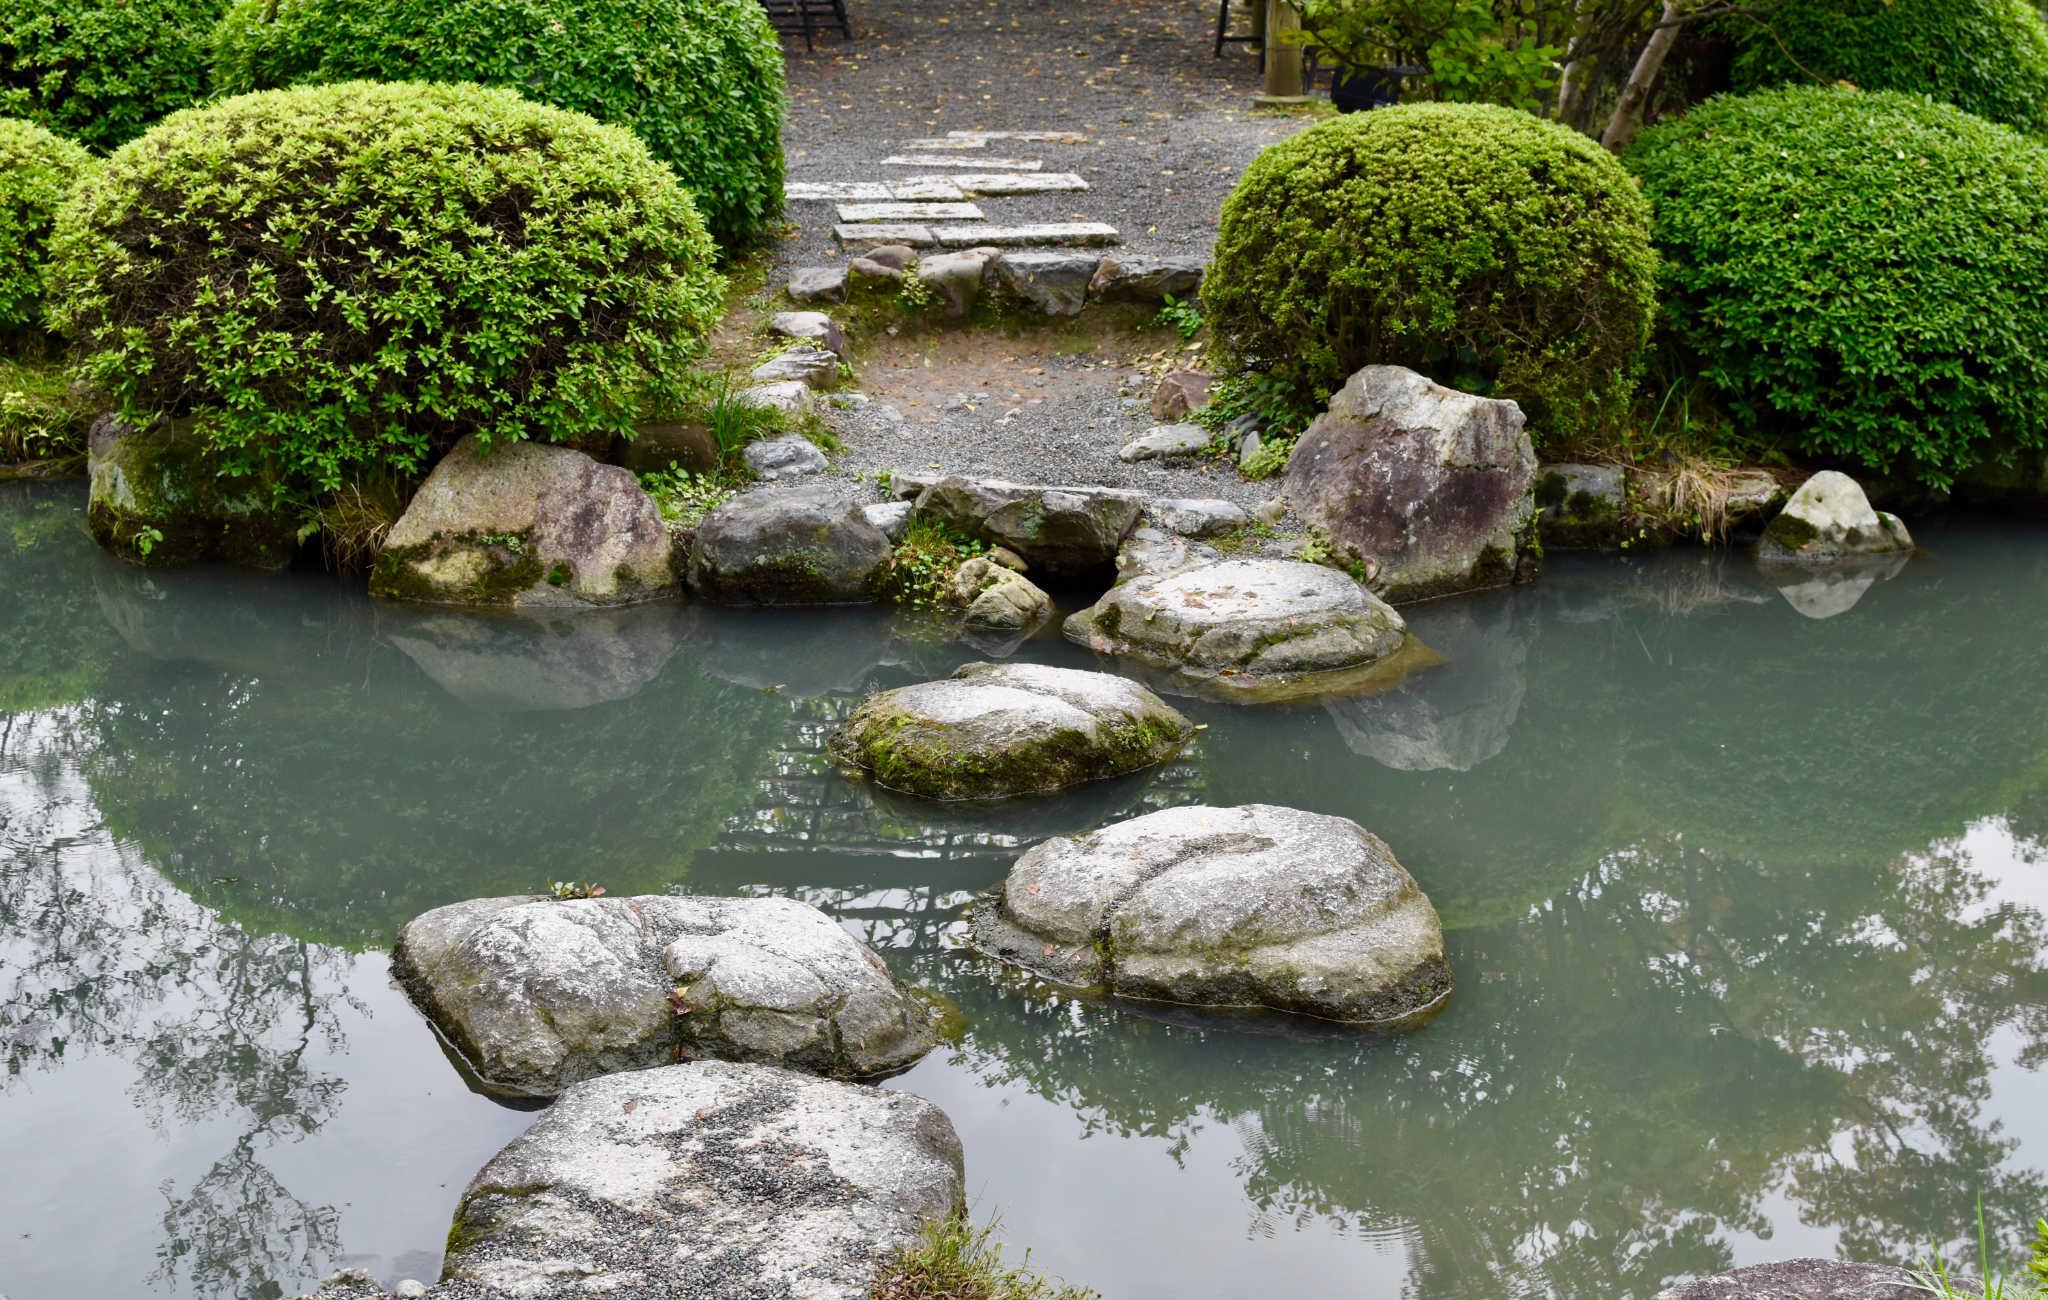 De grosses pierres servent de pas japonais pour franchir l'eau